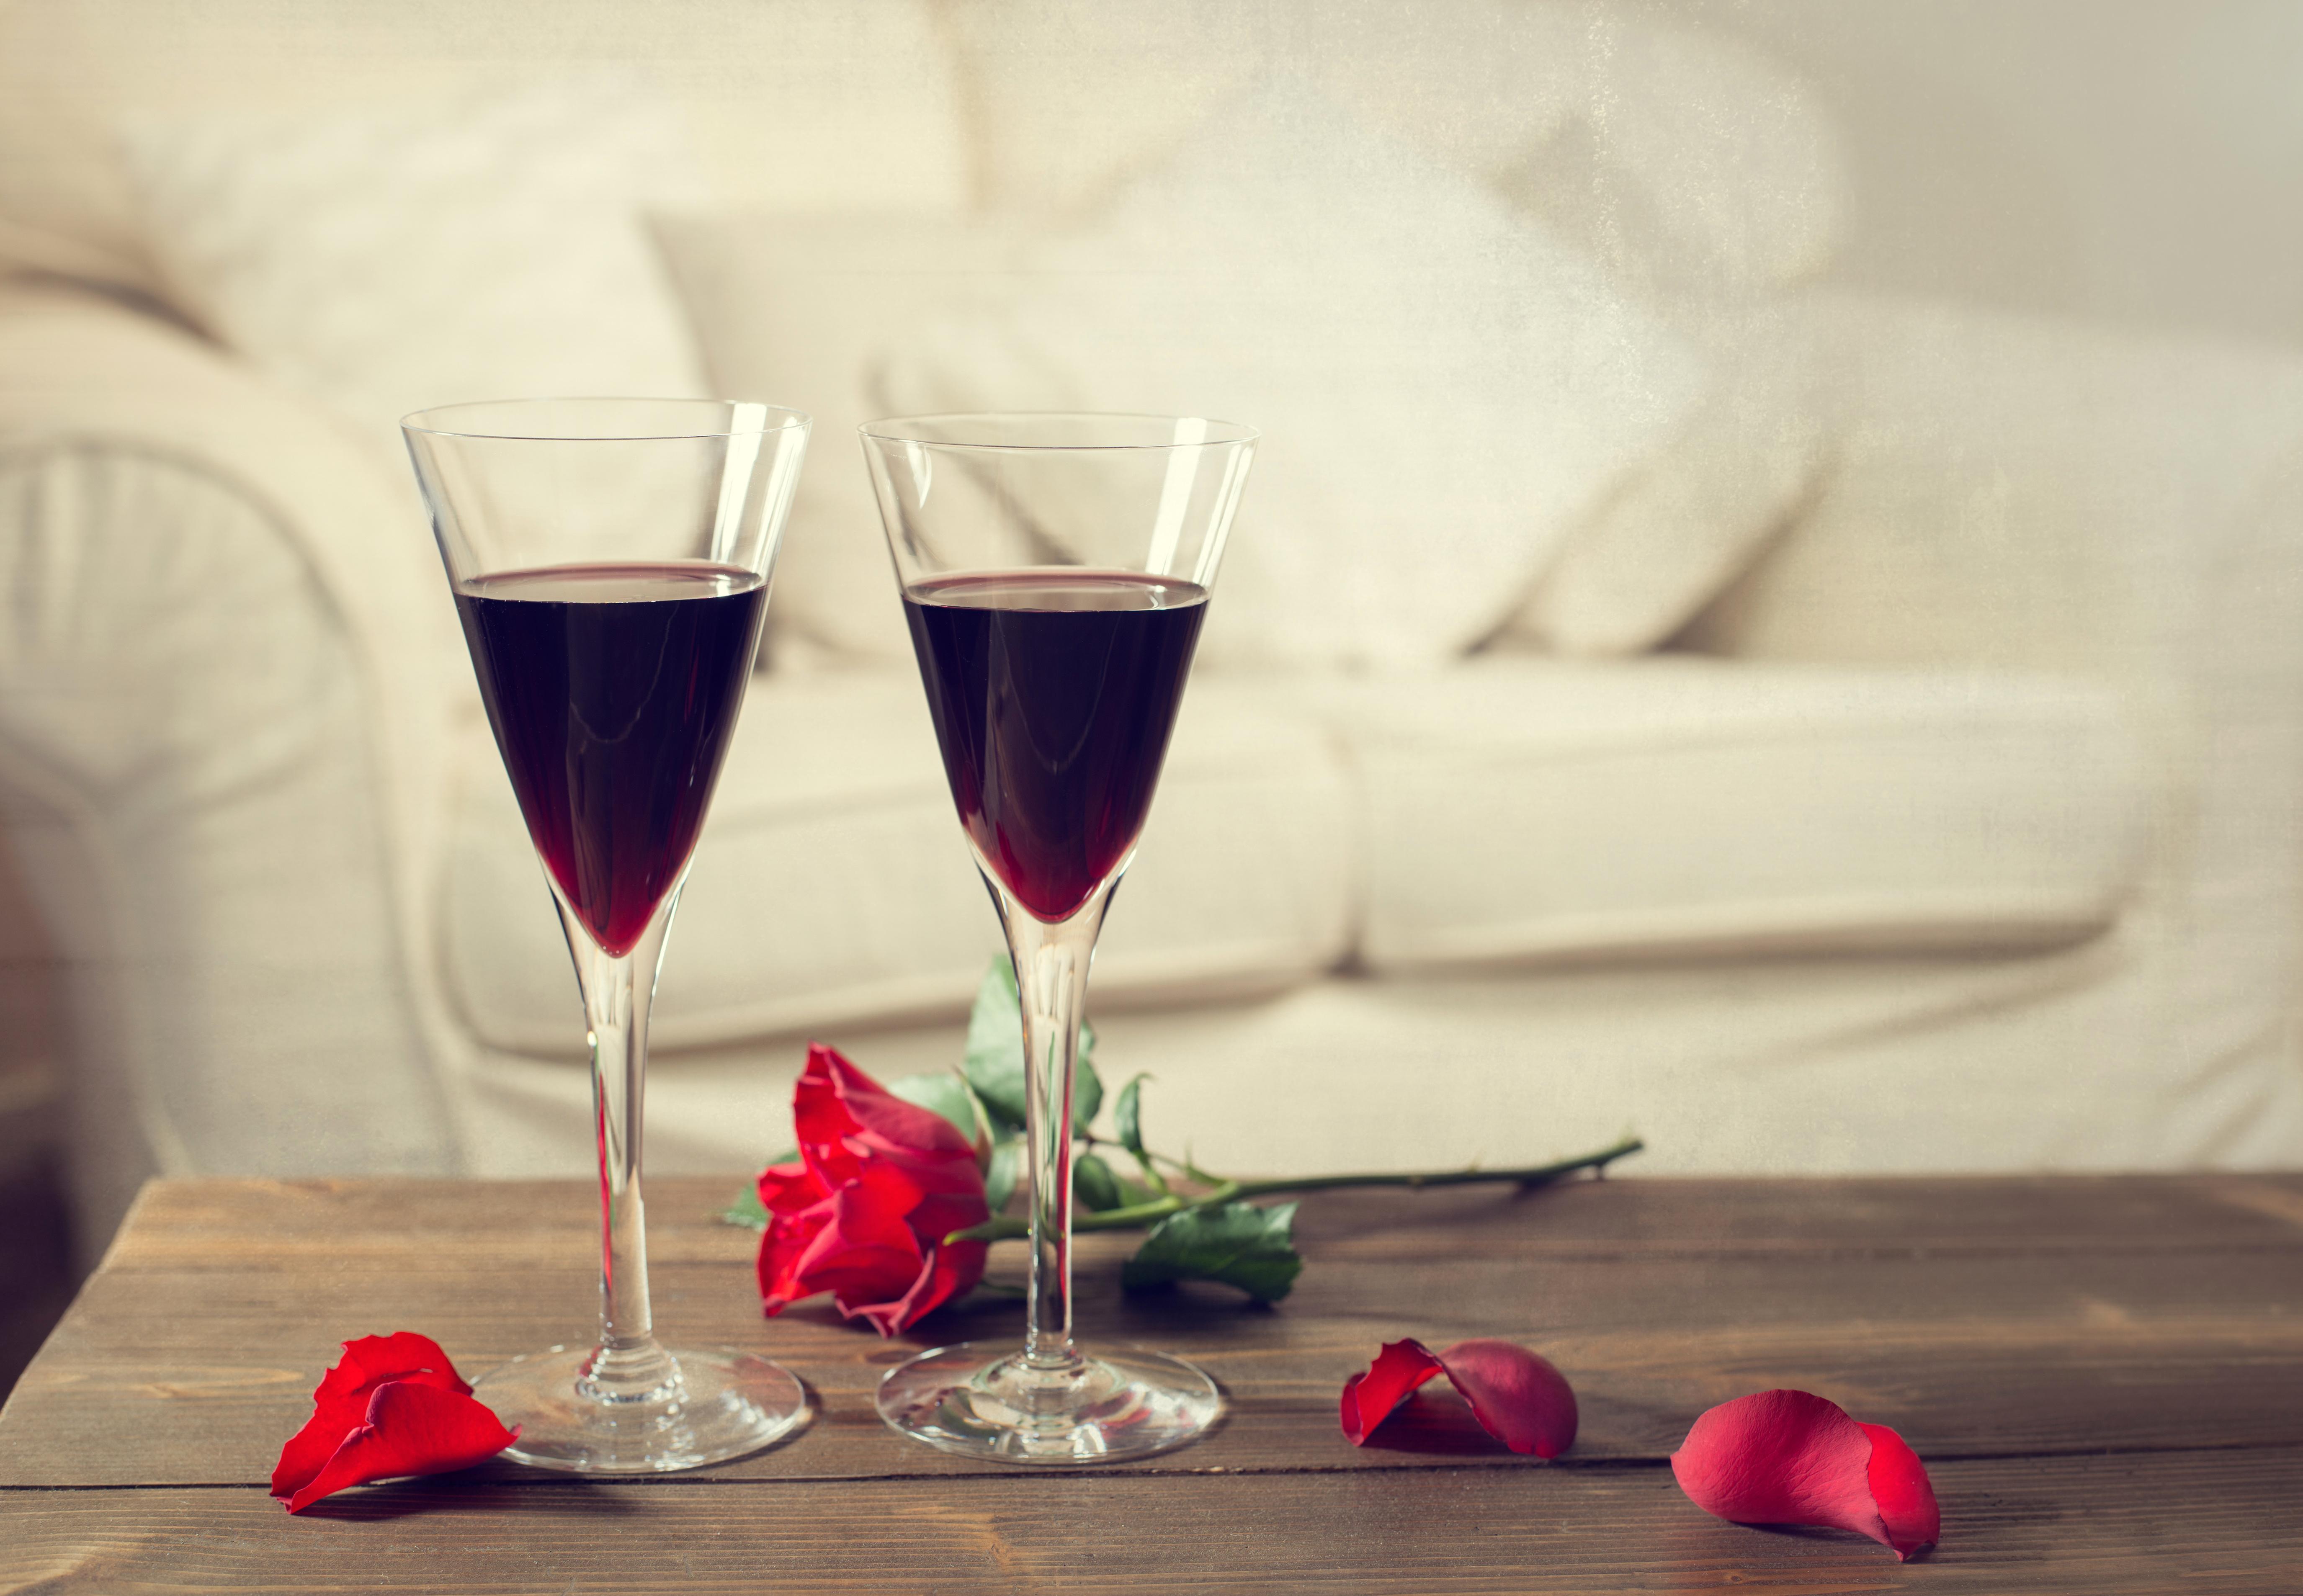 Два бокала с розами  № 750271 без смс